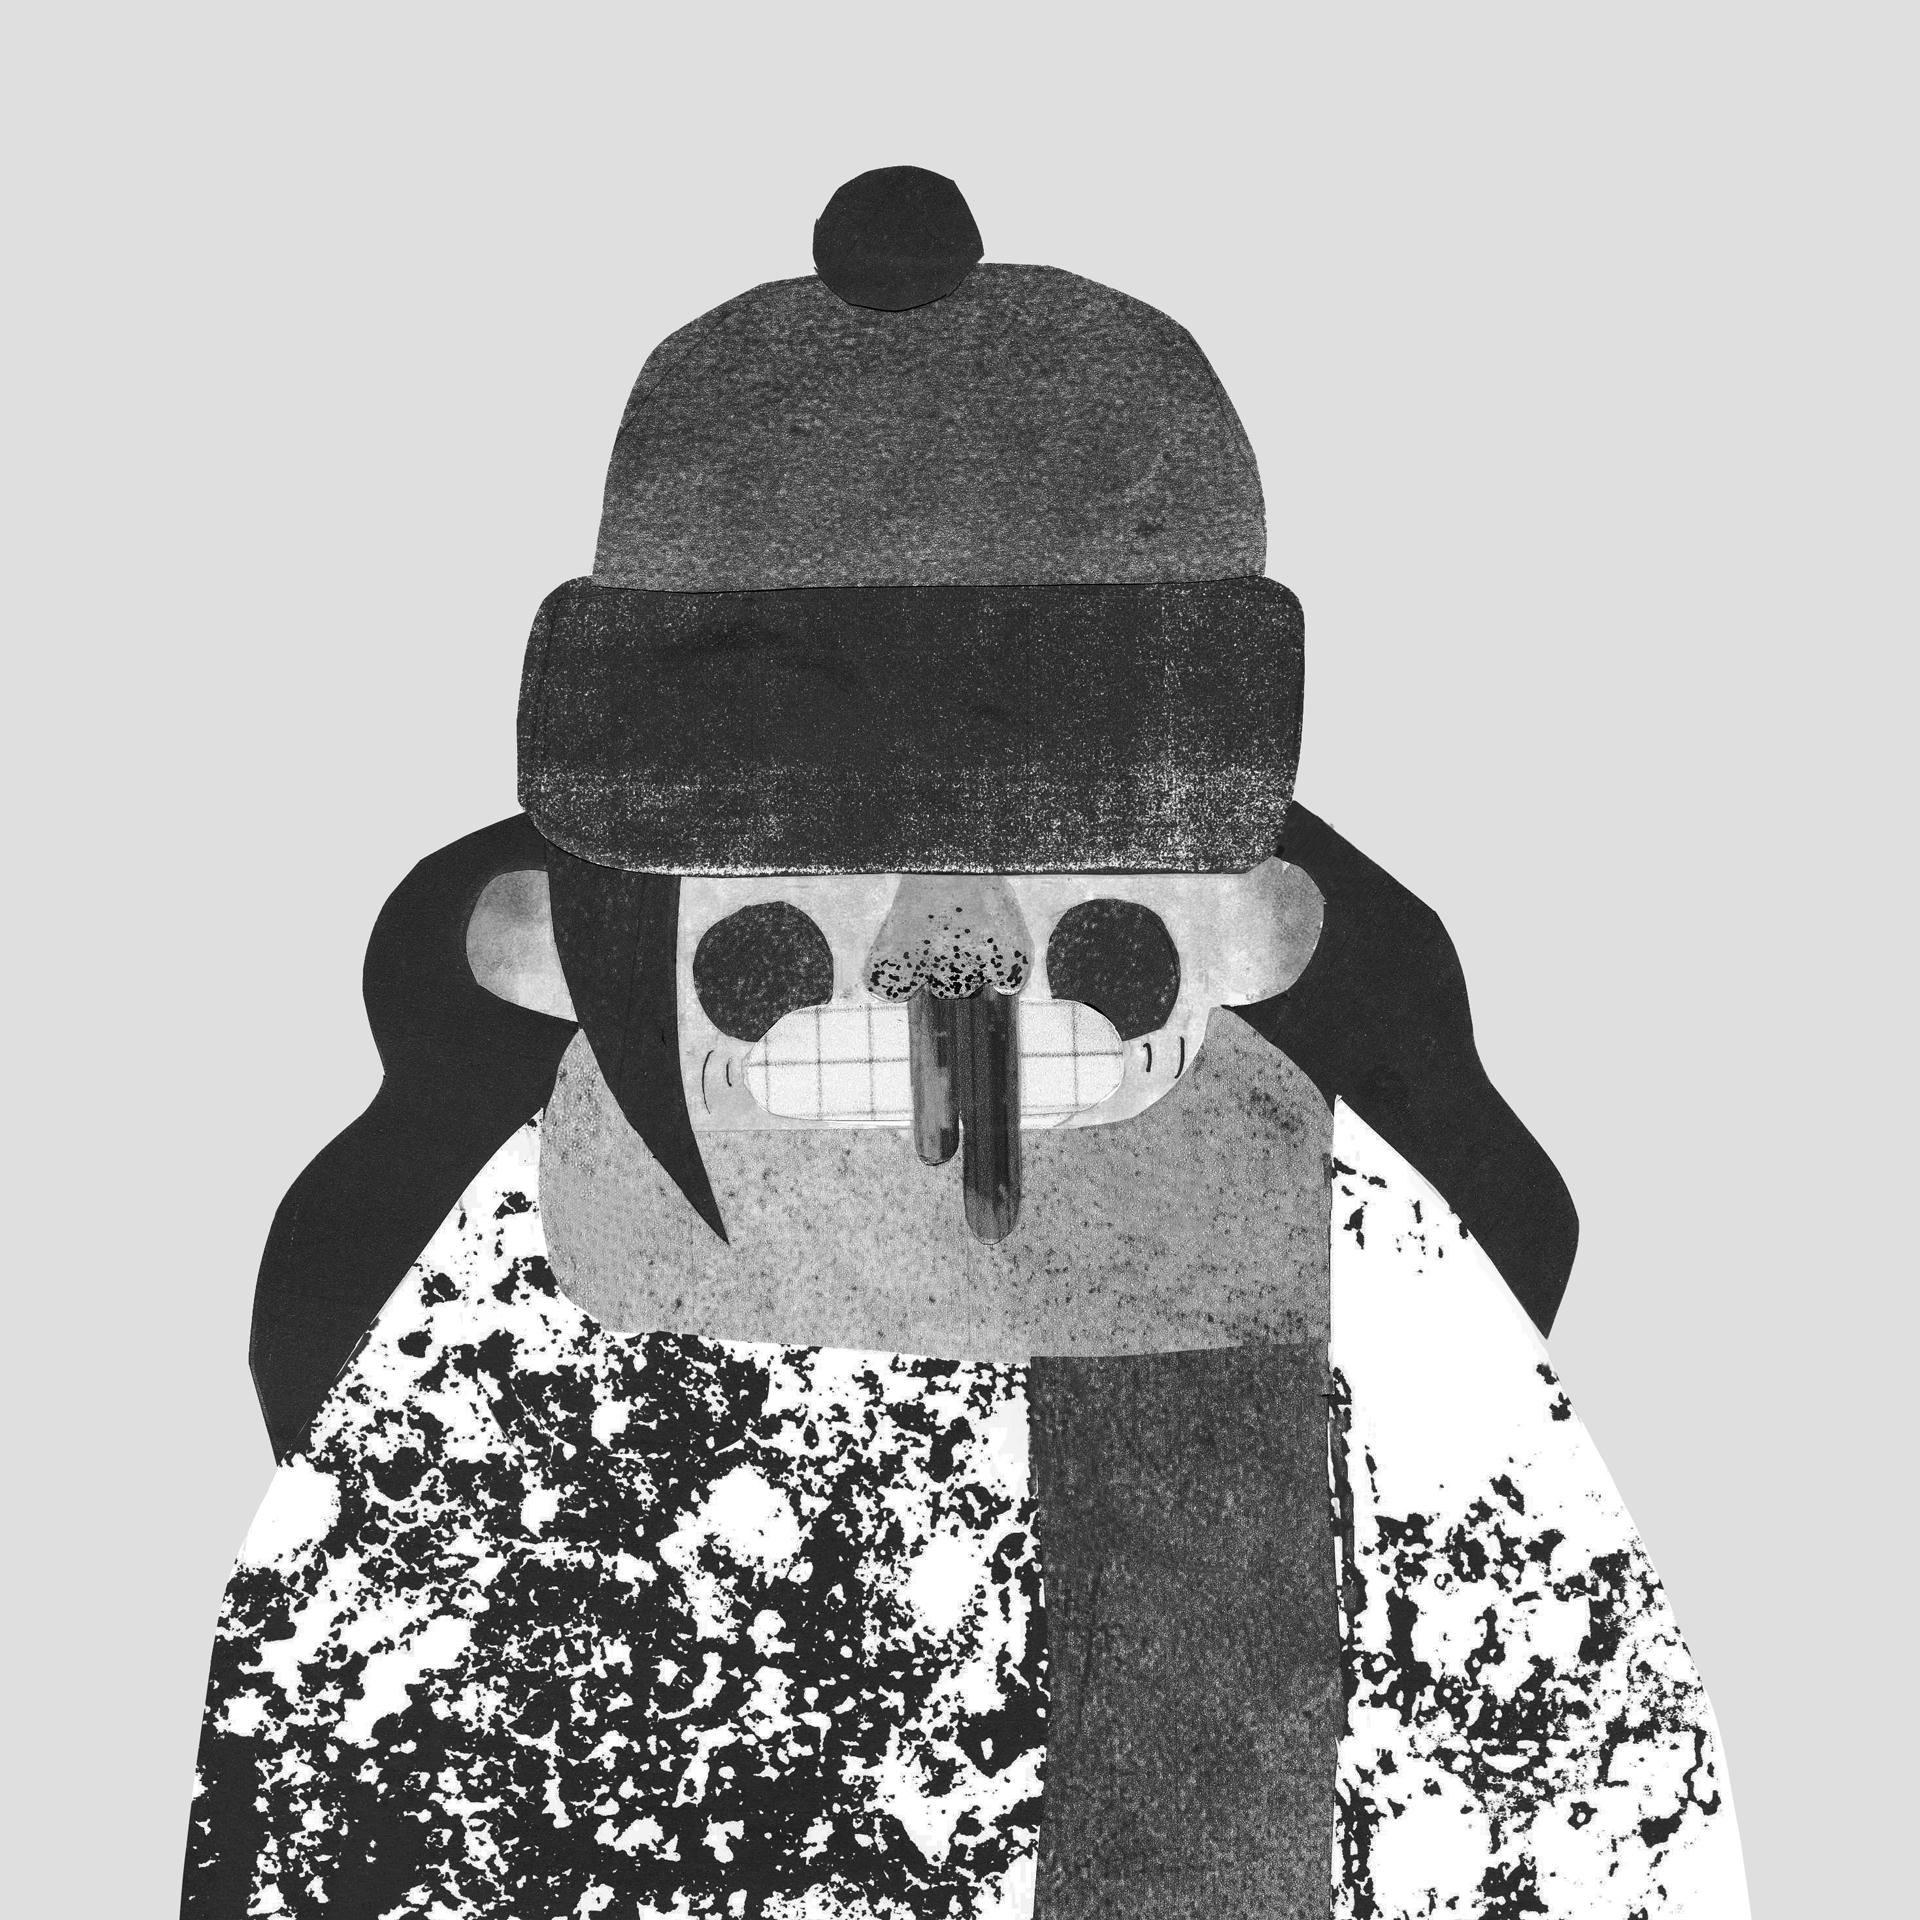 cold-collage-square-01